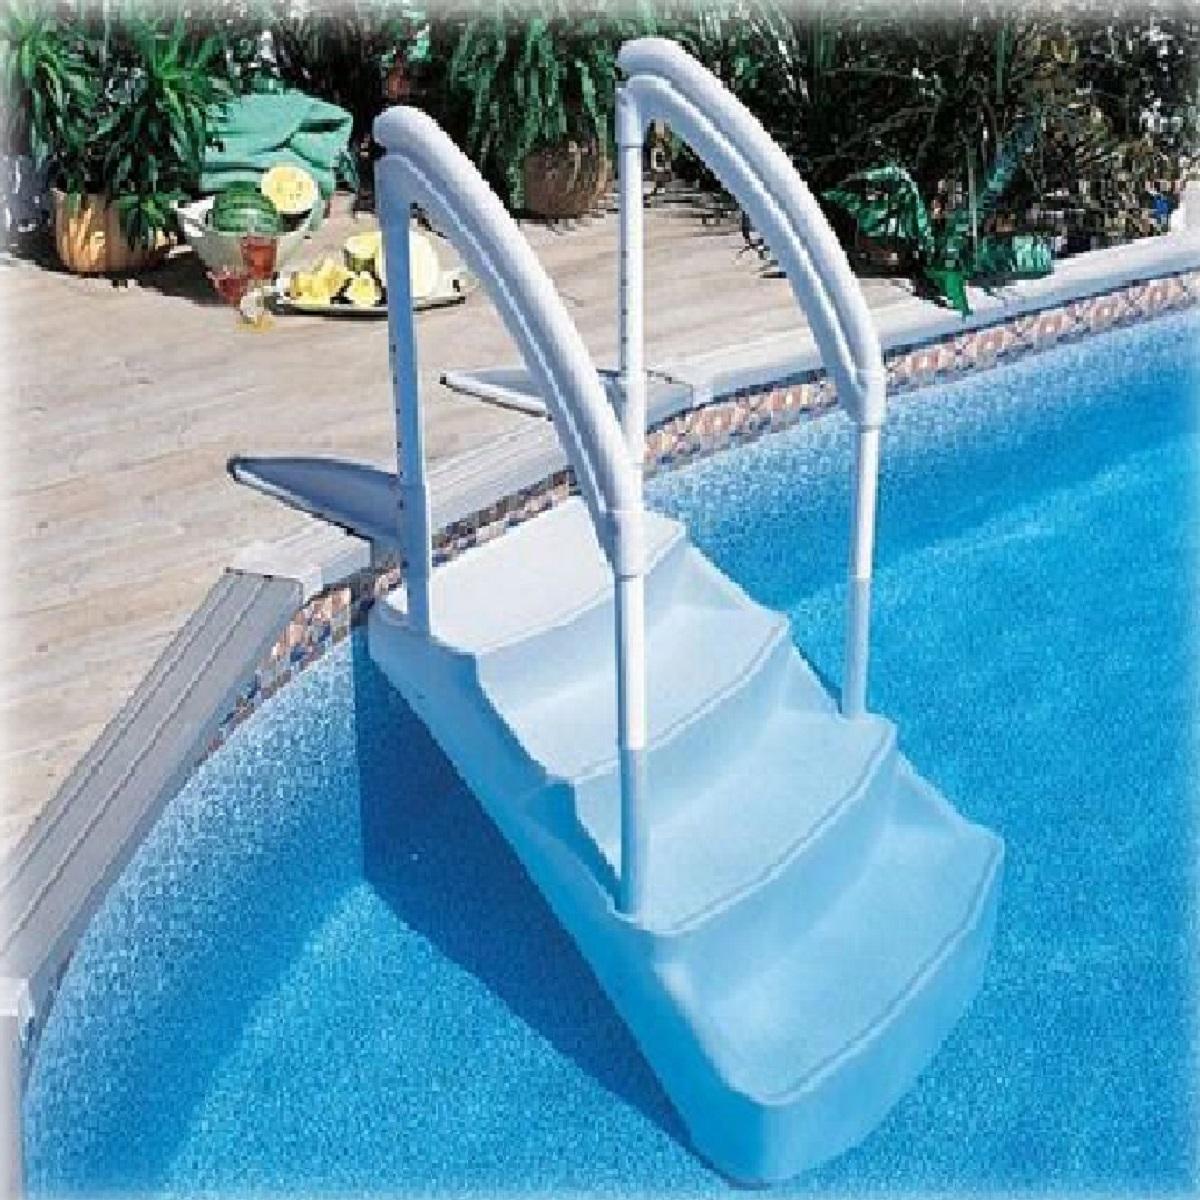 Marche royale voie blanche concept piscine design for Piscine design concept